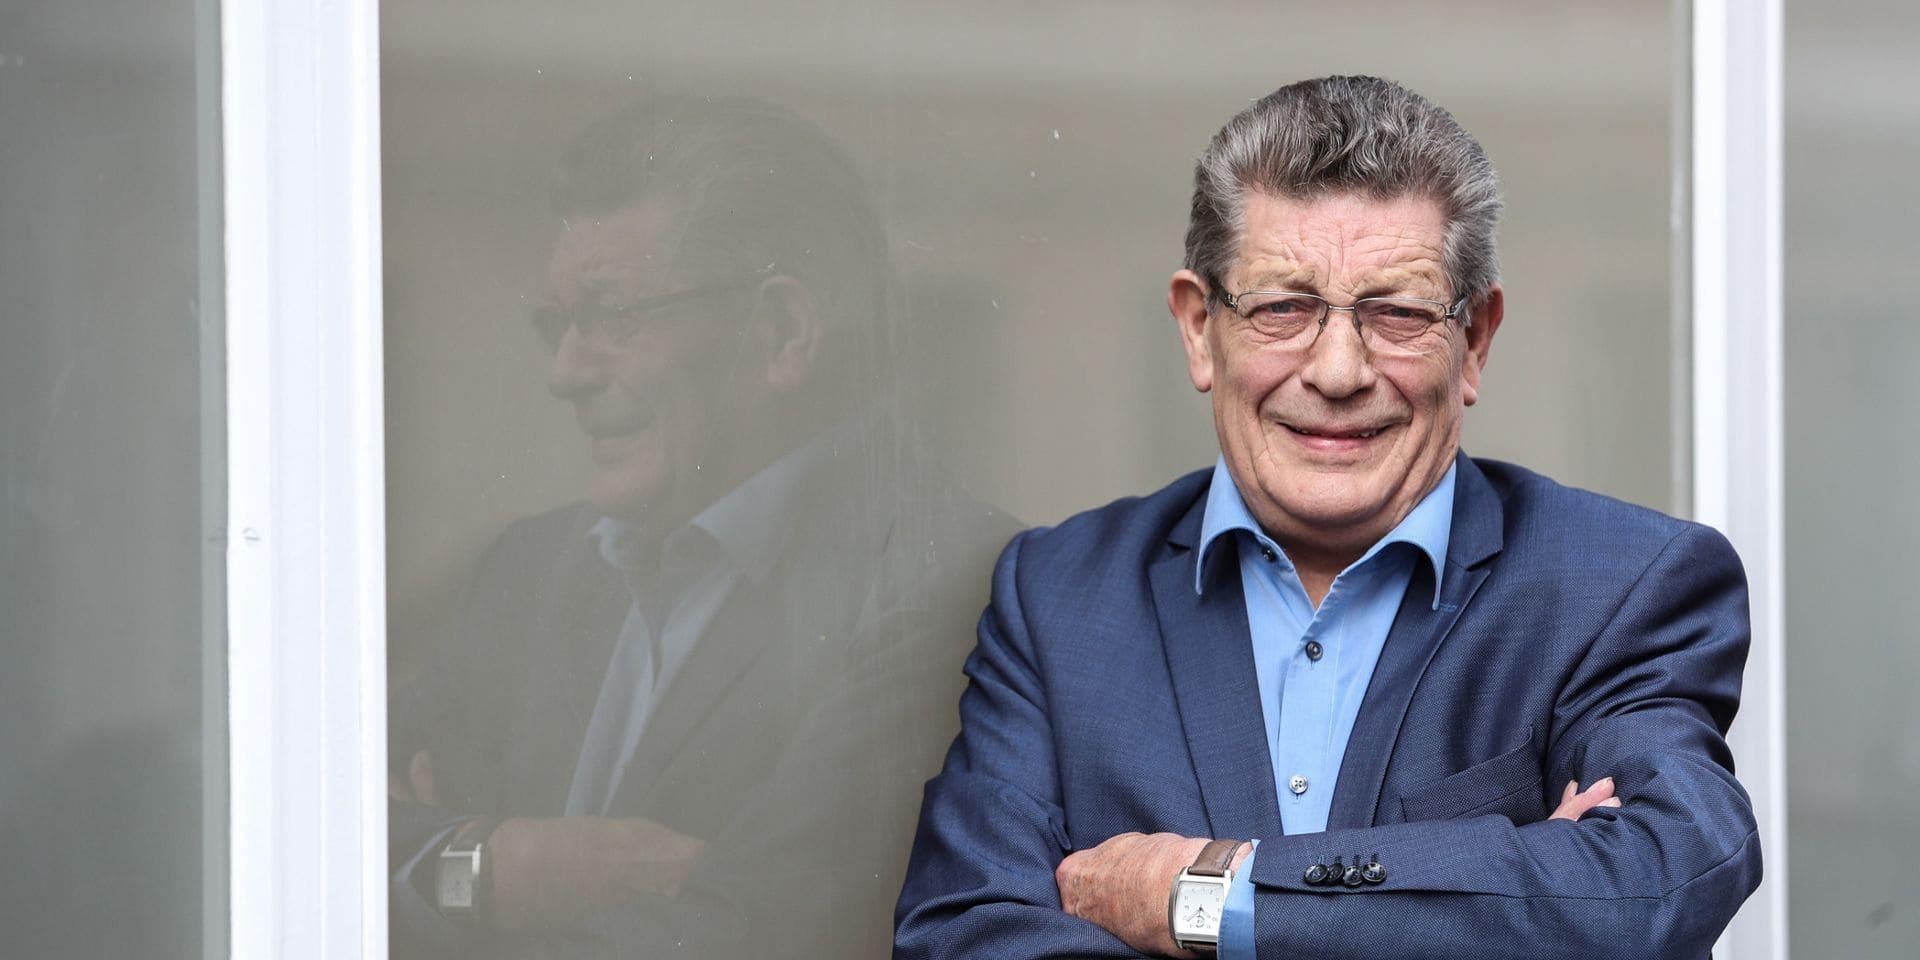 """Vers une fusion MR-CDH? """"C'est plus nécessaire que jamais pour en finir avec la domination socialiste"""", assure Gérard Deprez"""